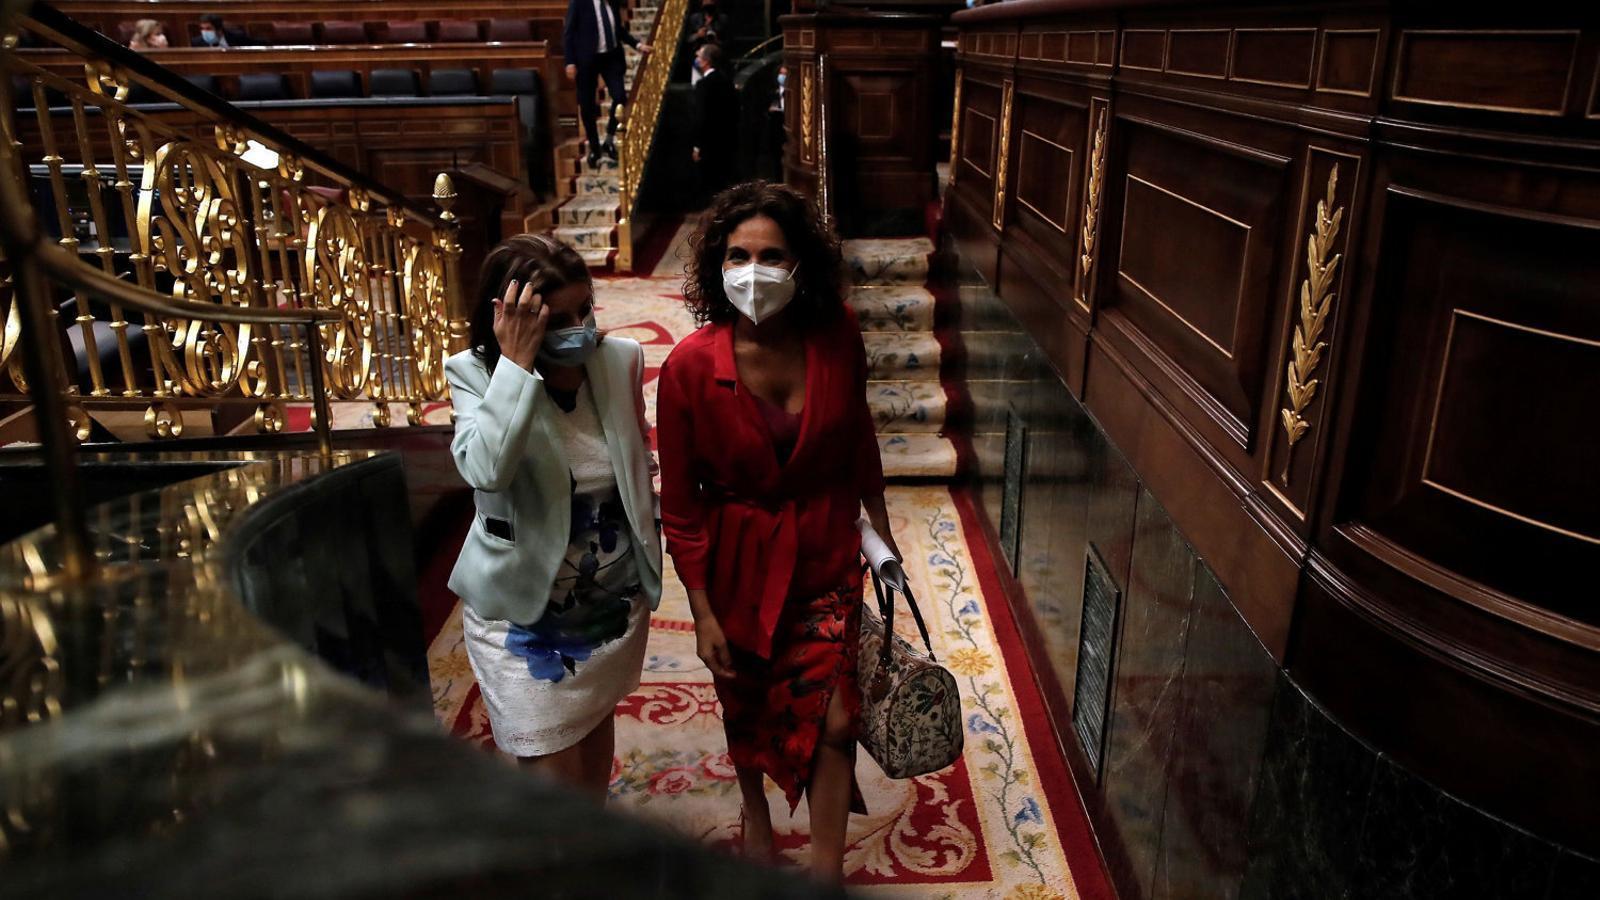 La ministra d'Hisenda i portaveu del govern espanyol, María Jesús Montero, amb la portaveu del PSOE al Congrés, Adriana Lastra, dijous passat.